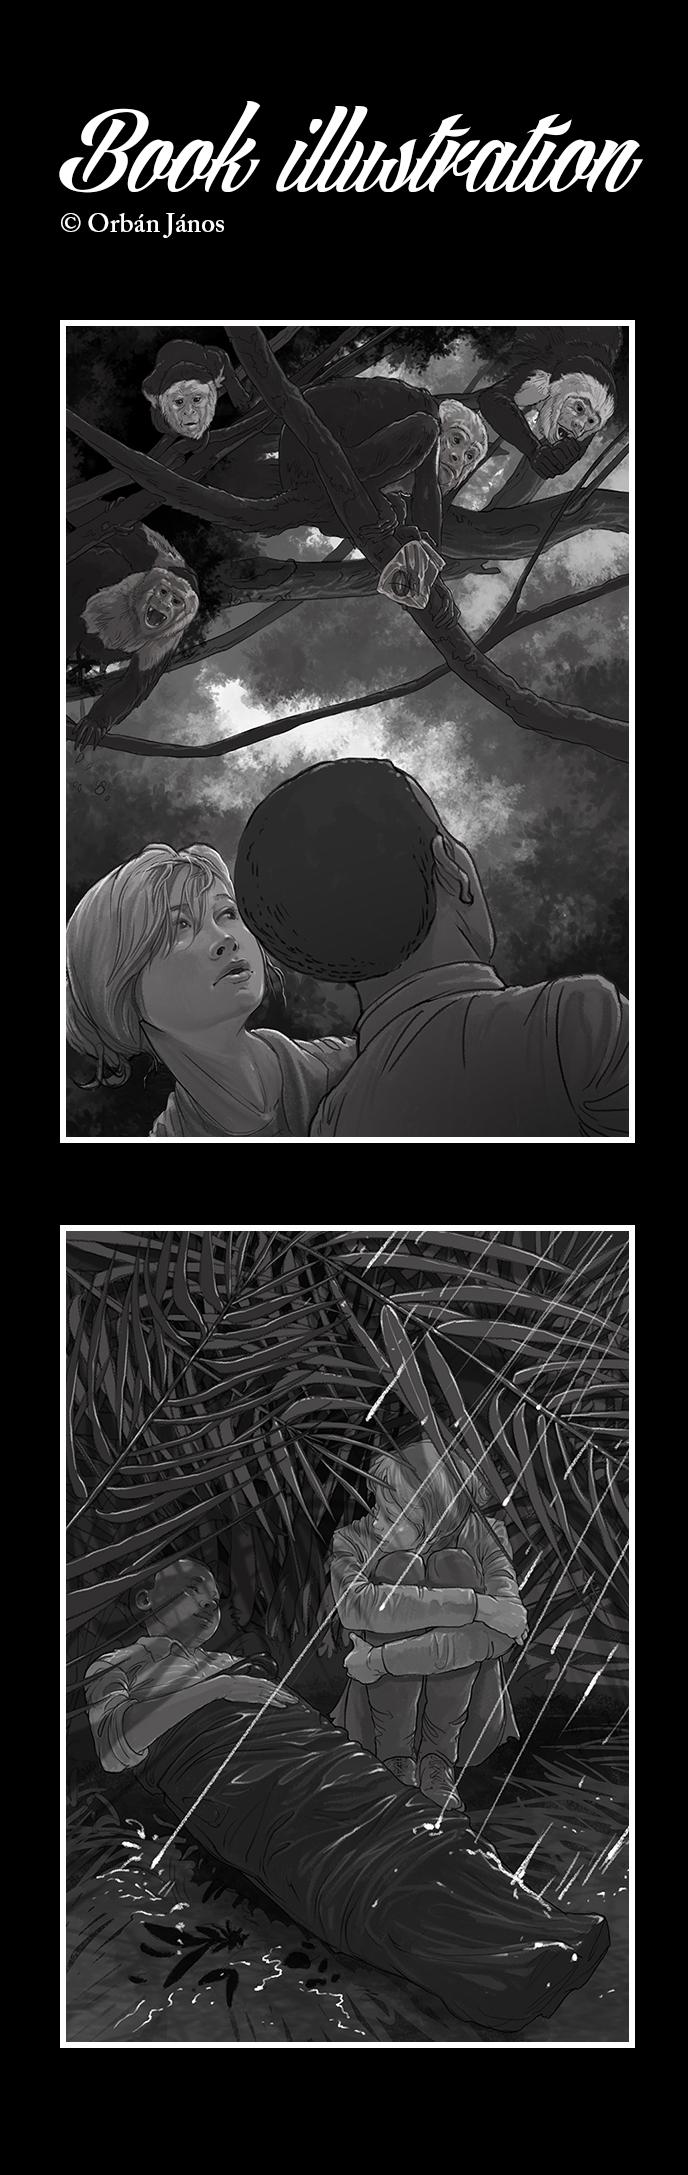 Lost_illustration_v004_b